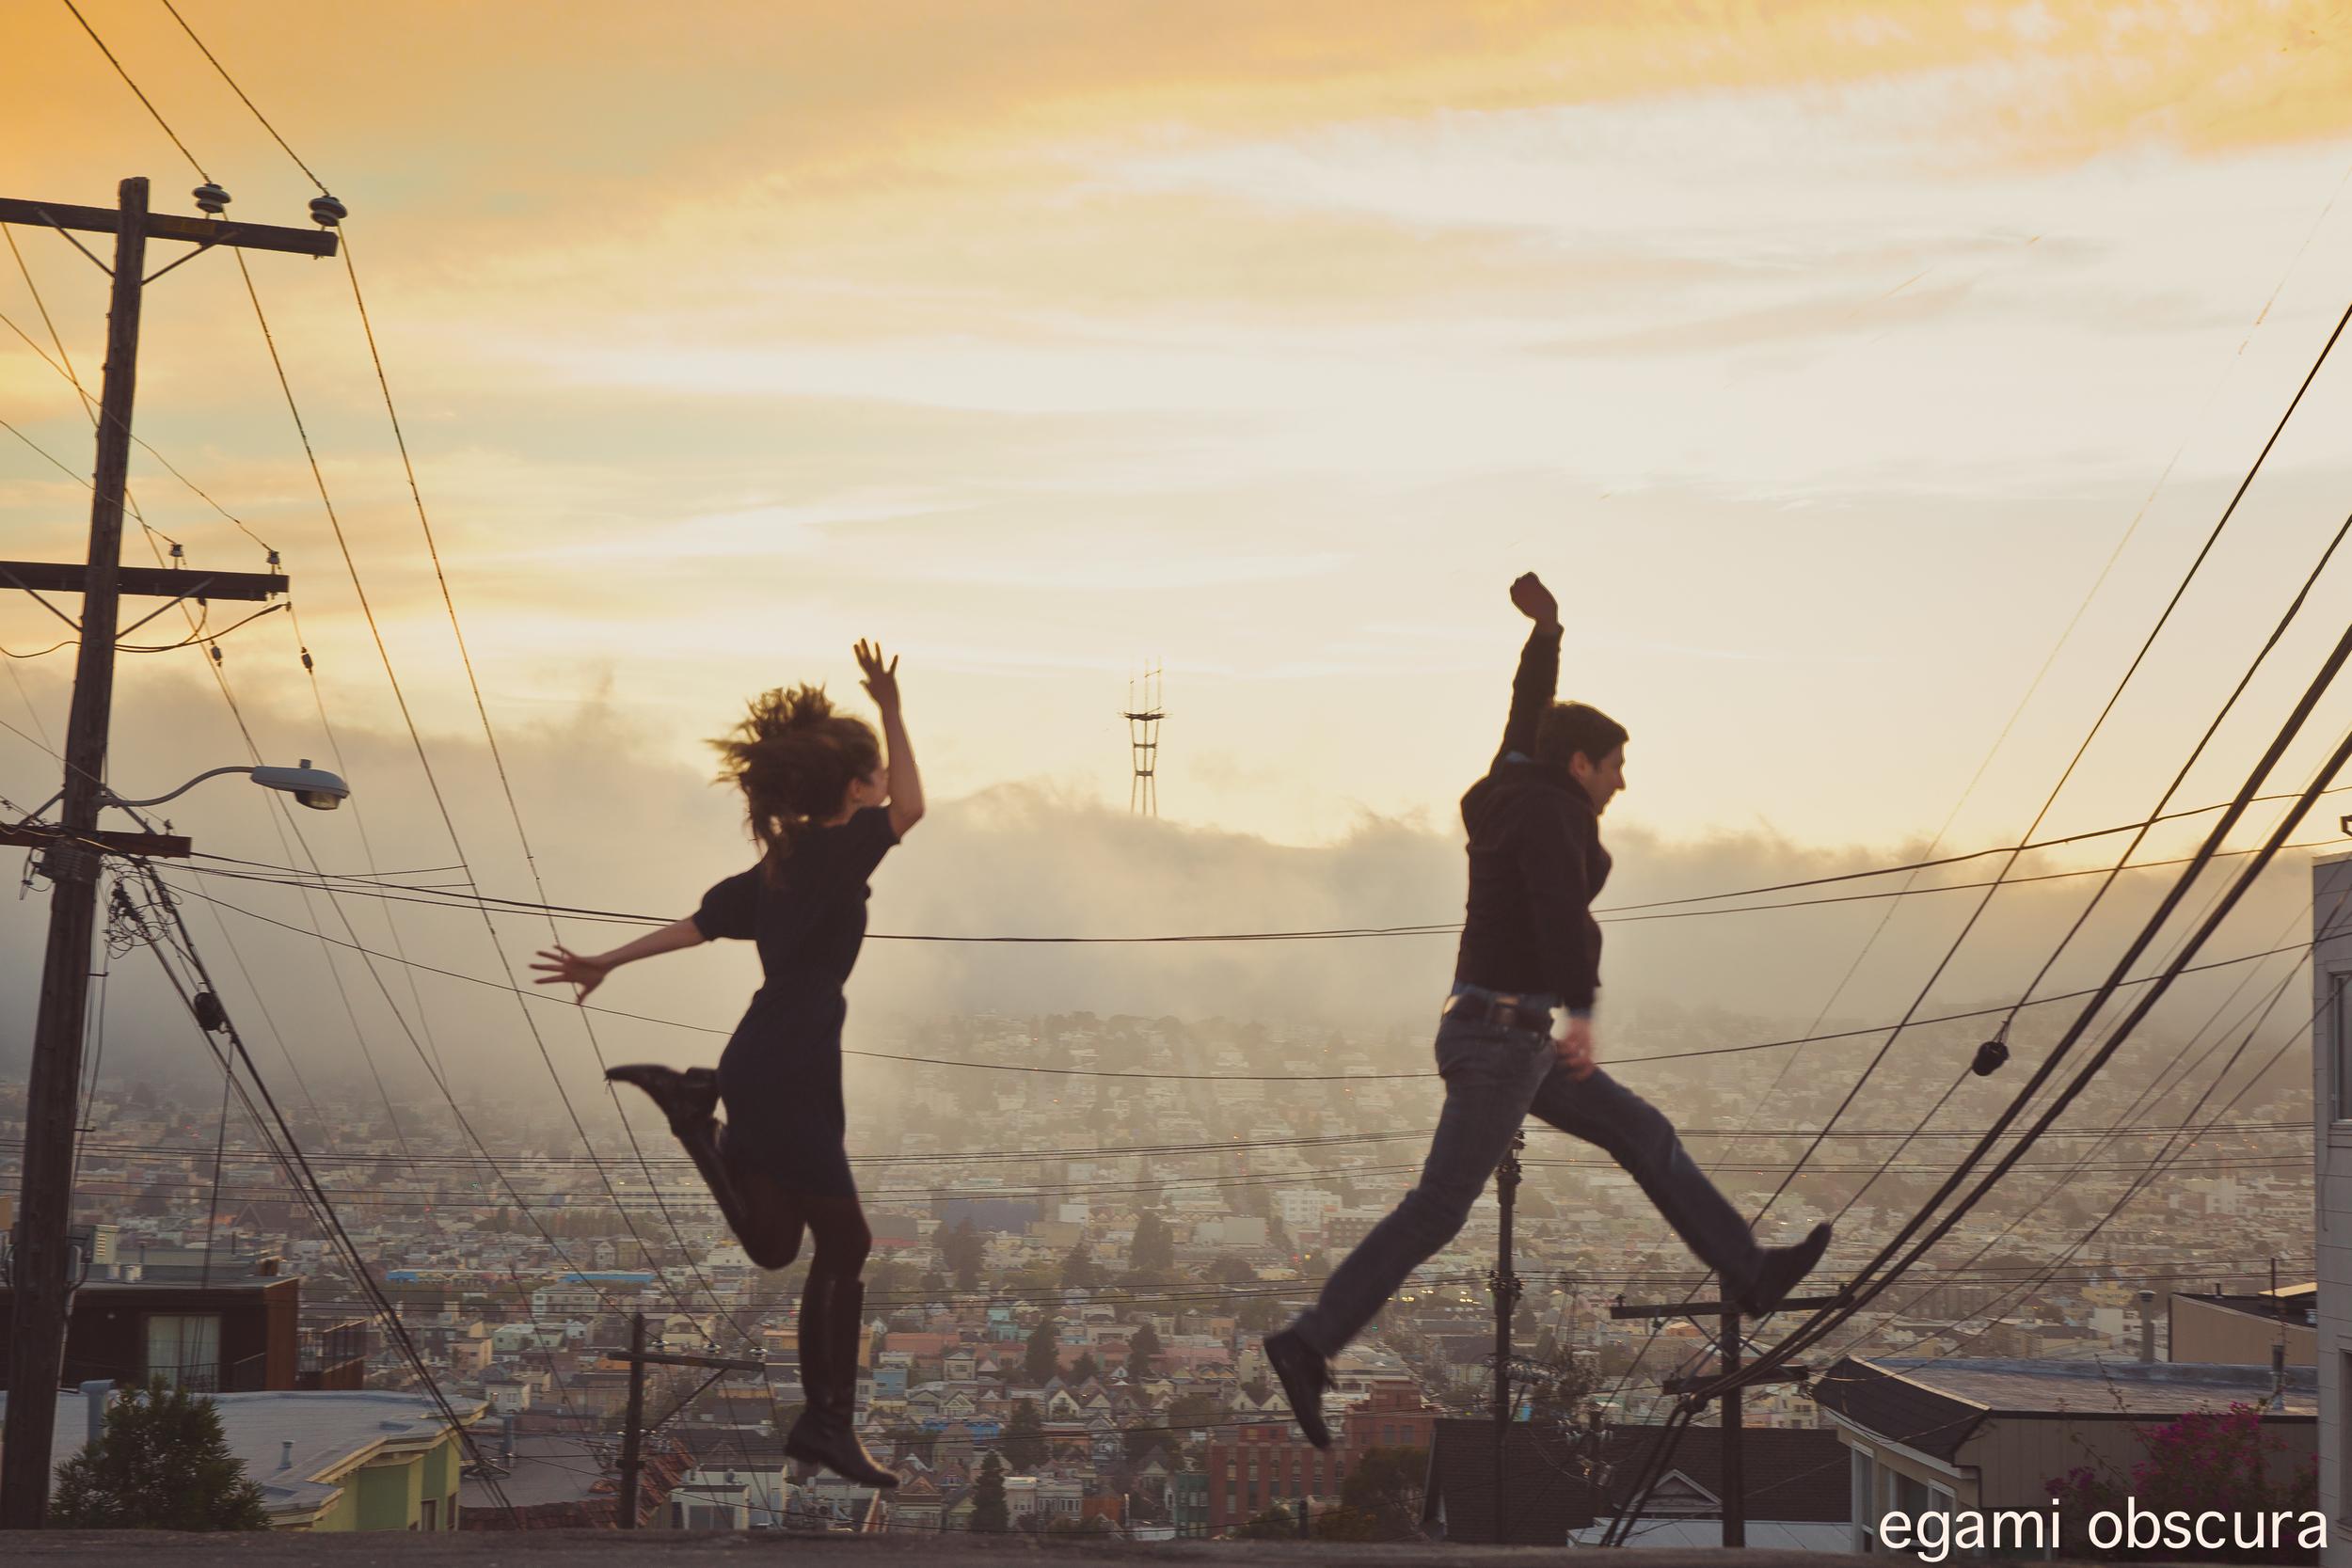 Airwalking in San Francisco